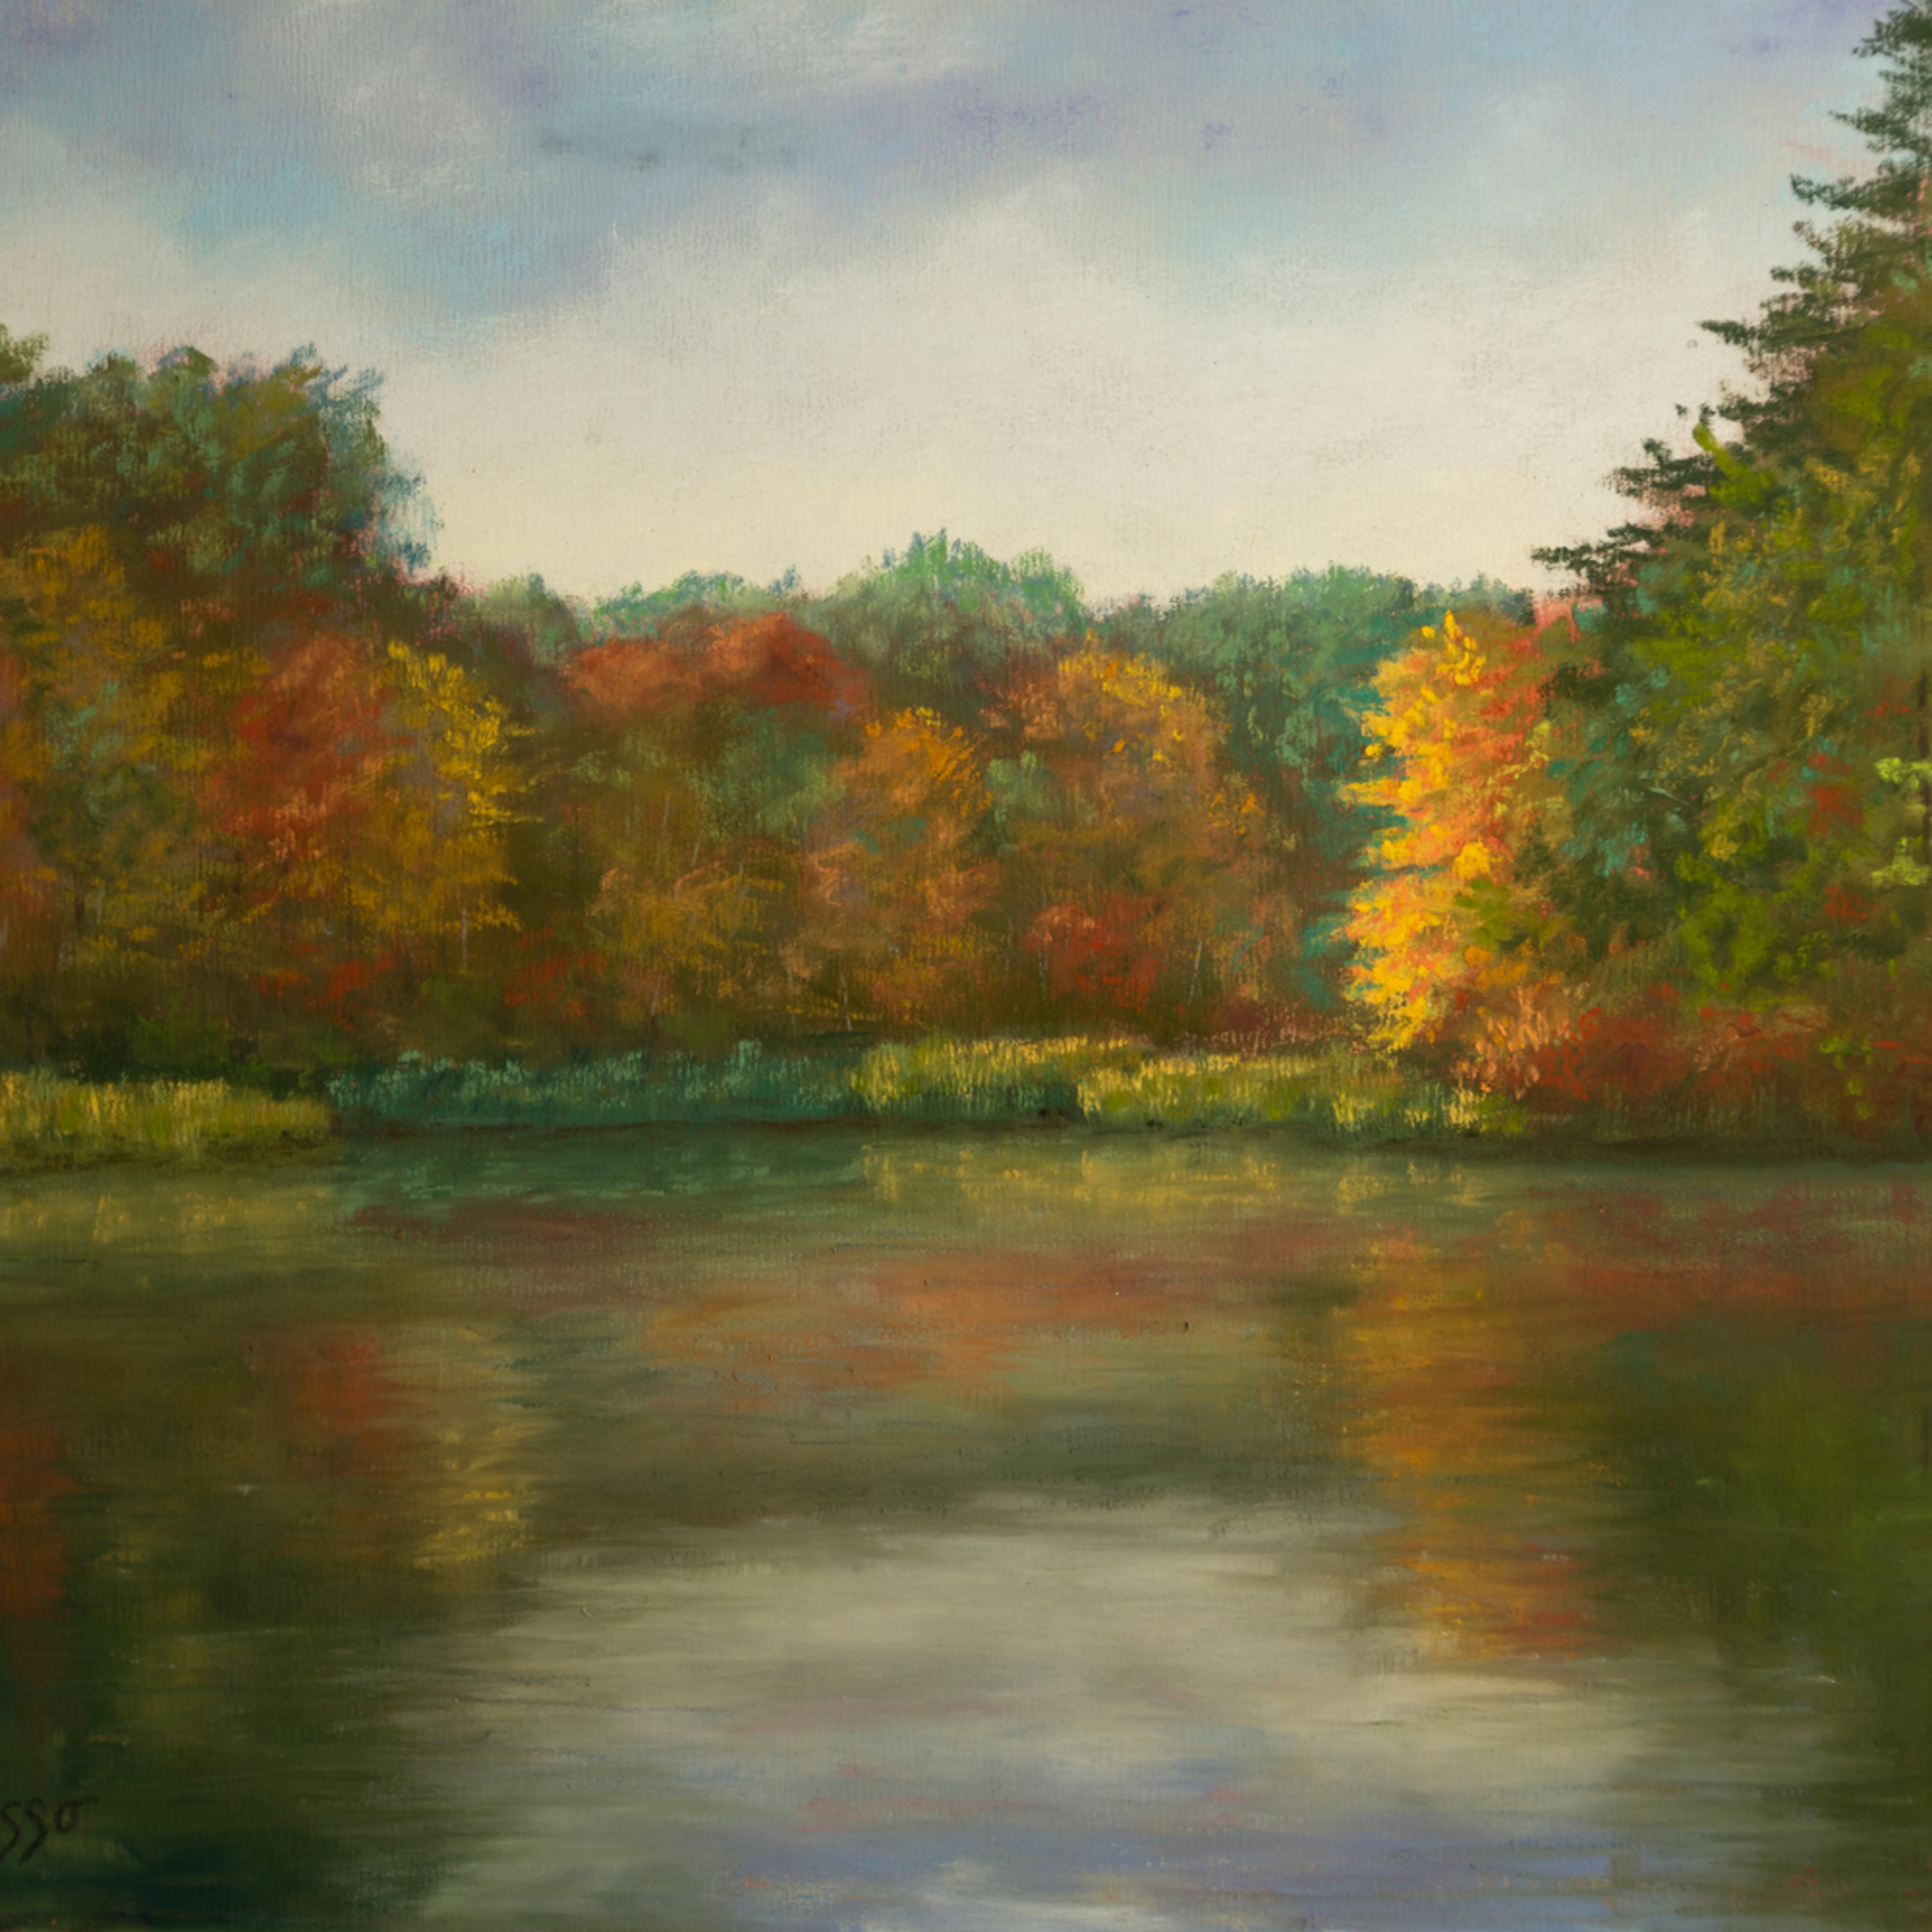 Portrait of fall blksne